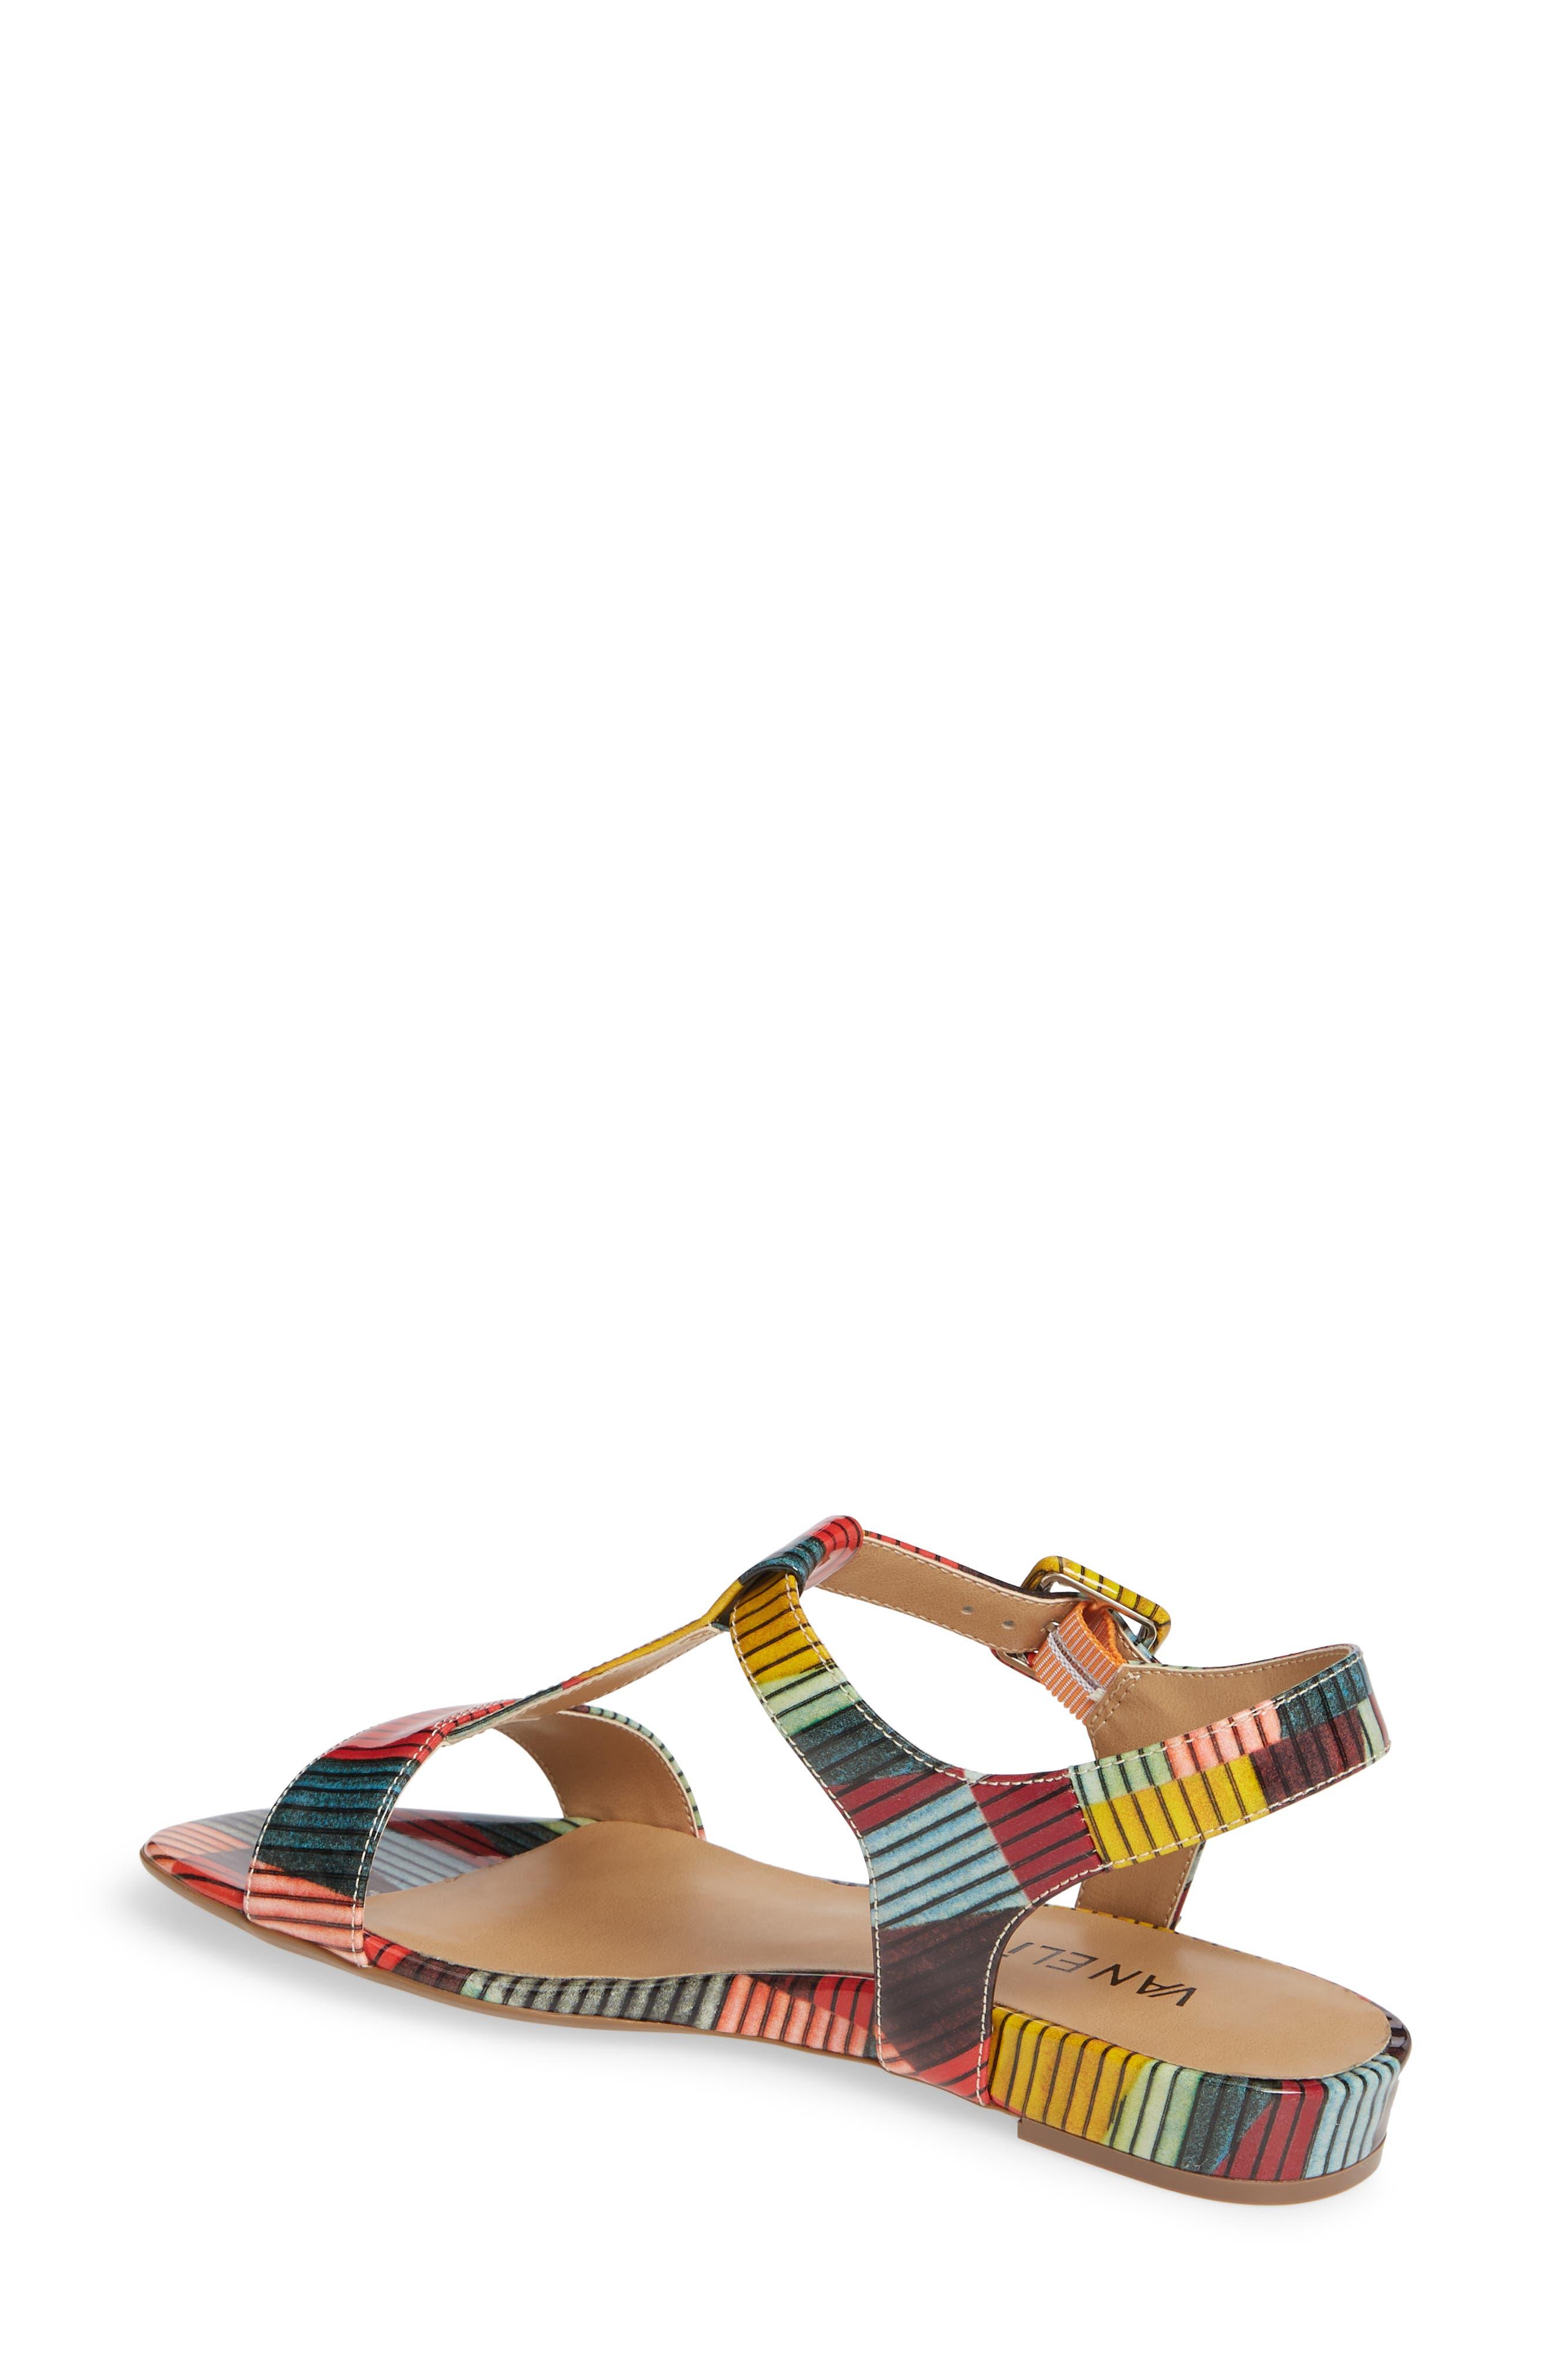 VANELI, Burlie T-Strap Sandal, Alternate thumbnail 2, color, MULTICOLOR PATENT LEATHER